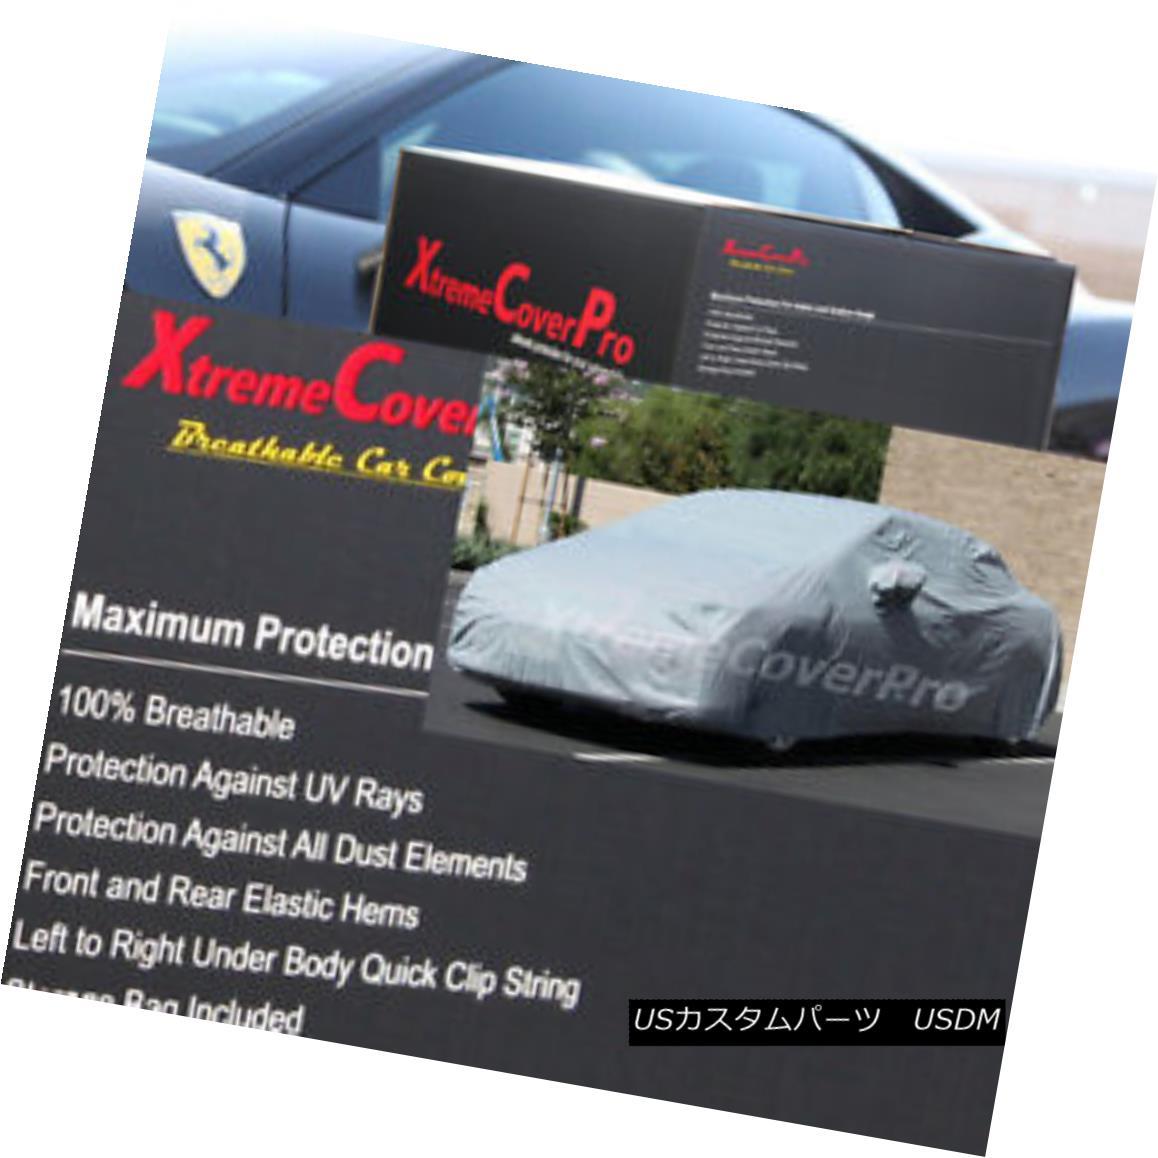 カーカバー 1997 1998 1999 2000 2001 Cadillac Catera Breathable Car Cover w/MirrorPocket 1997年1998年1999年2000年2001年Cadillac Catera通気性車カバー付き(MirrorPocket)